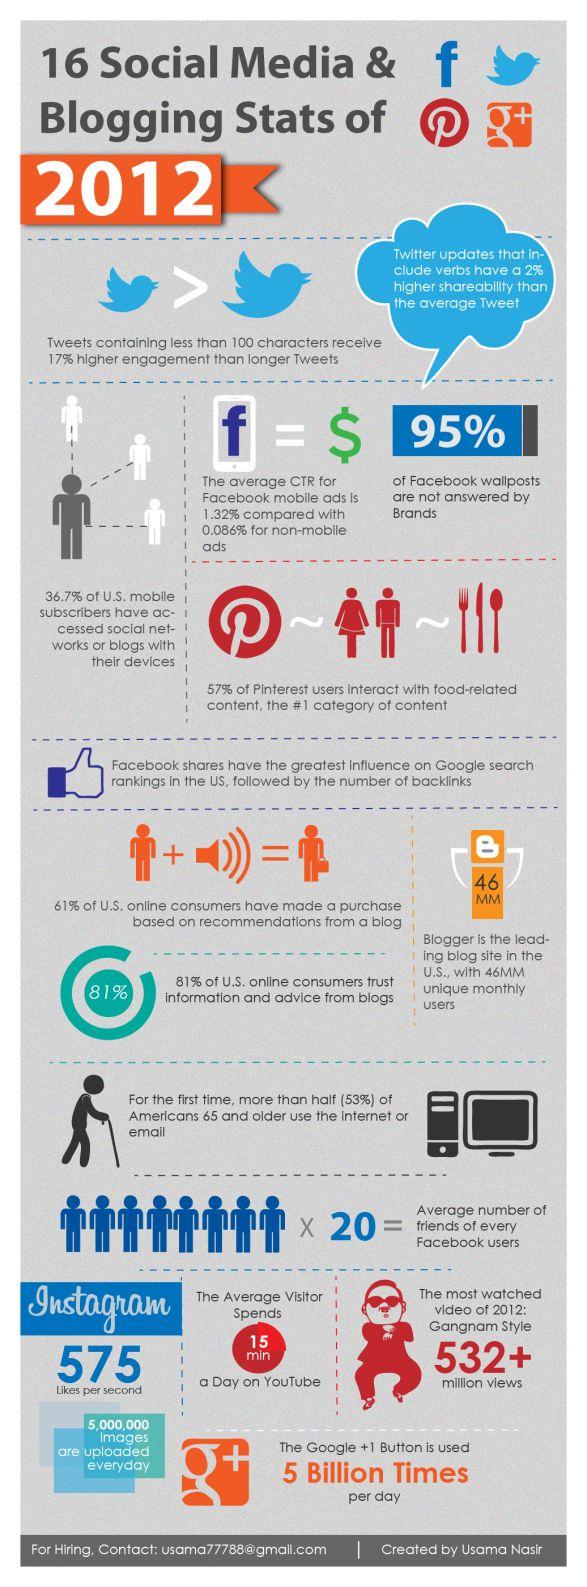 16 Social Media & Blogging Stats of 2012